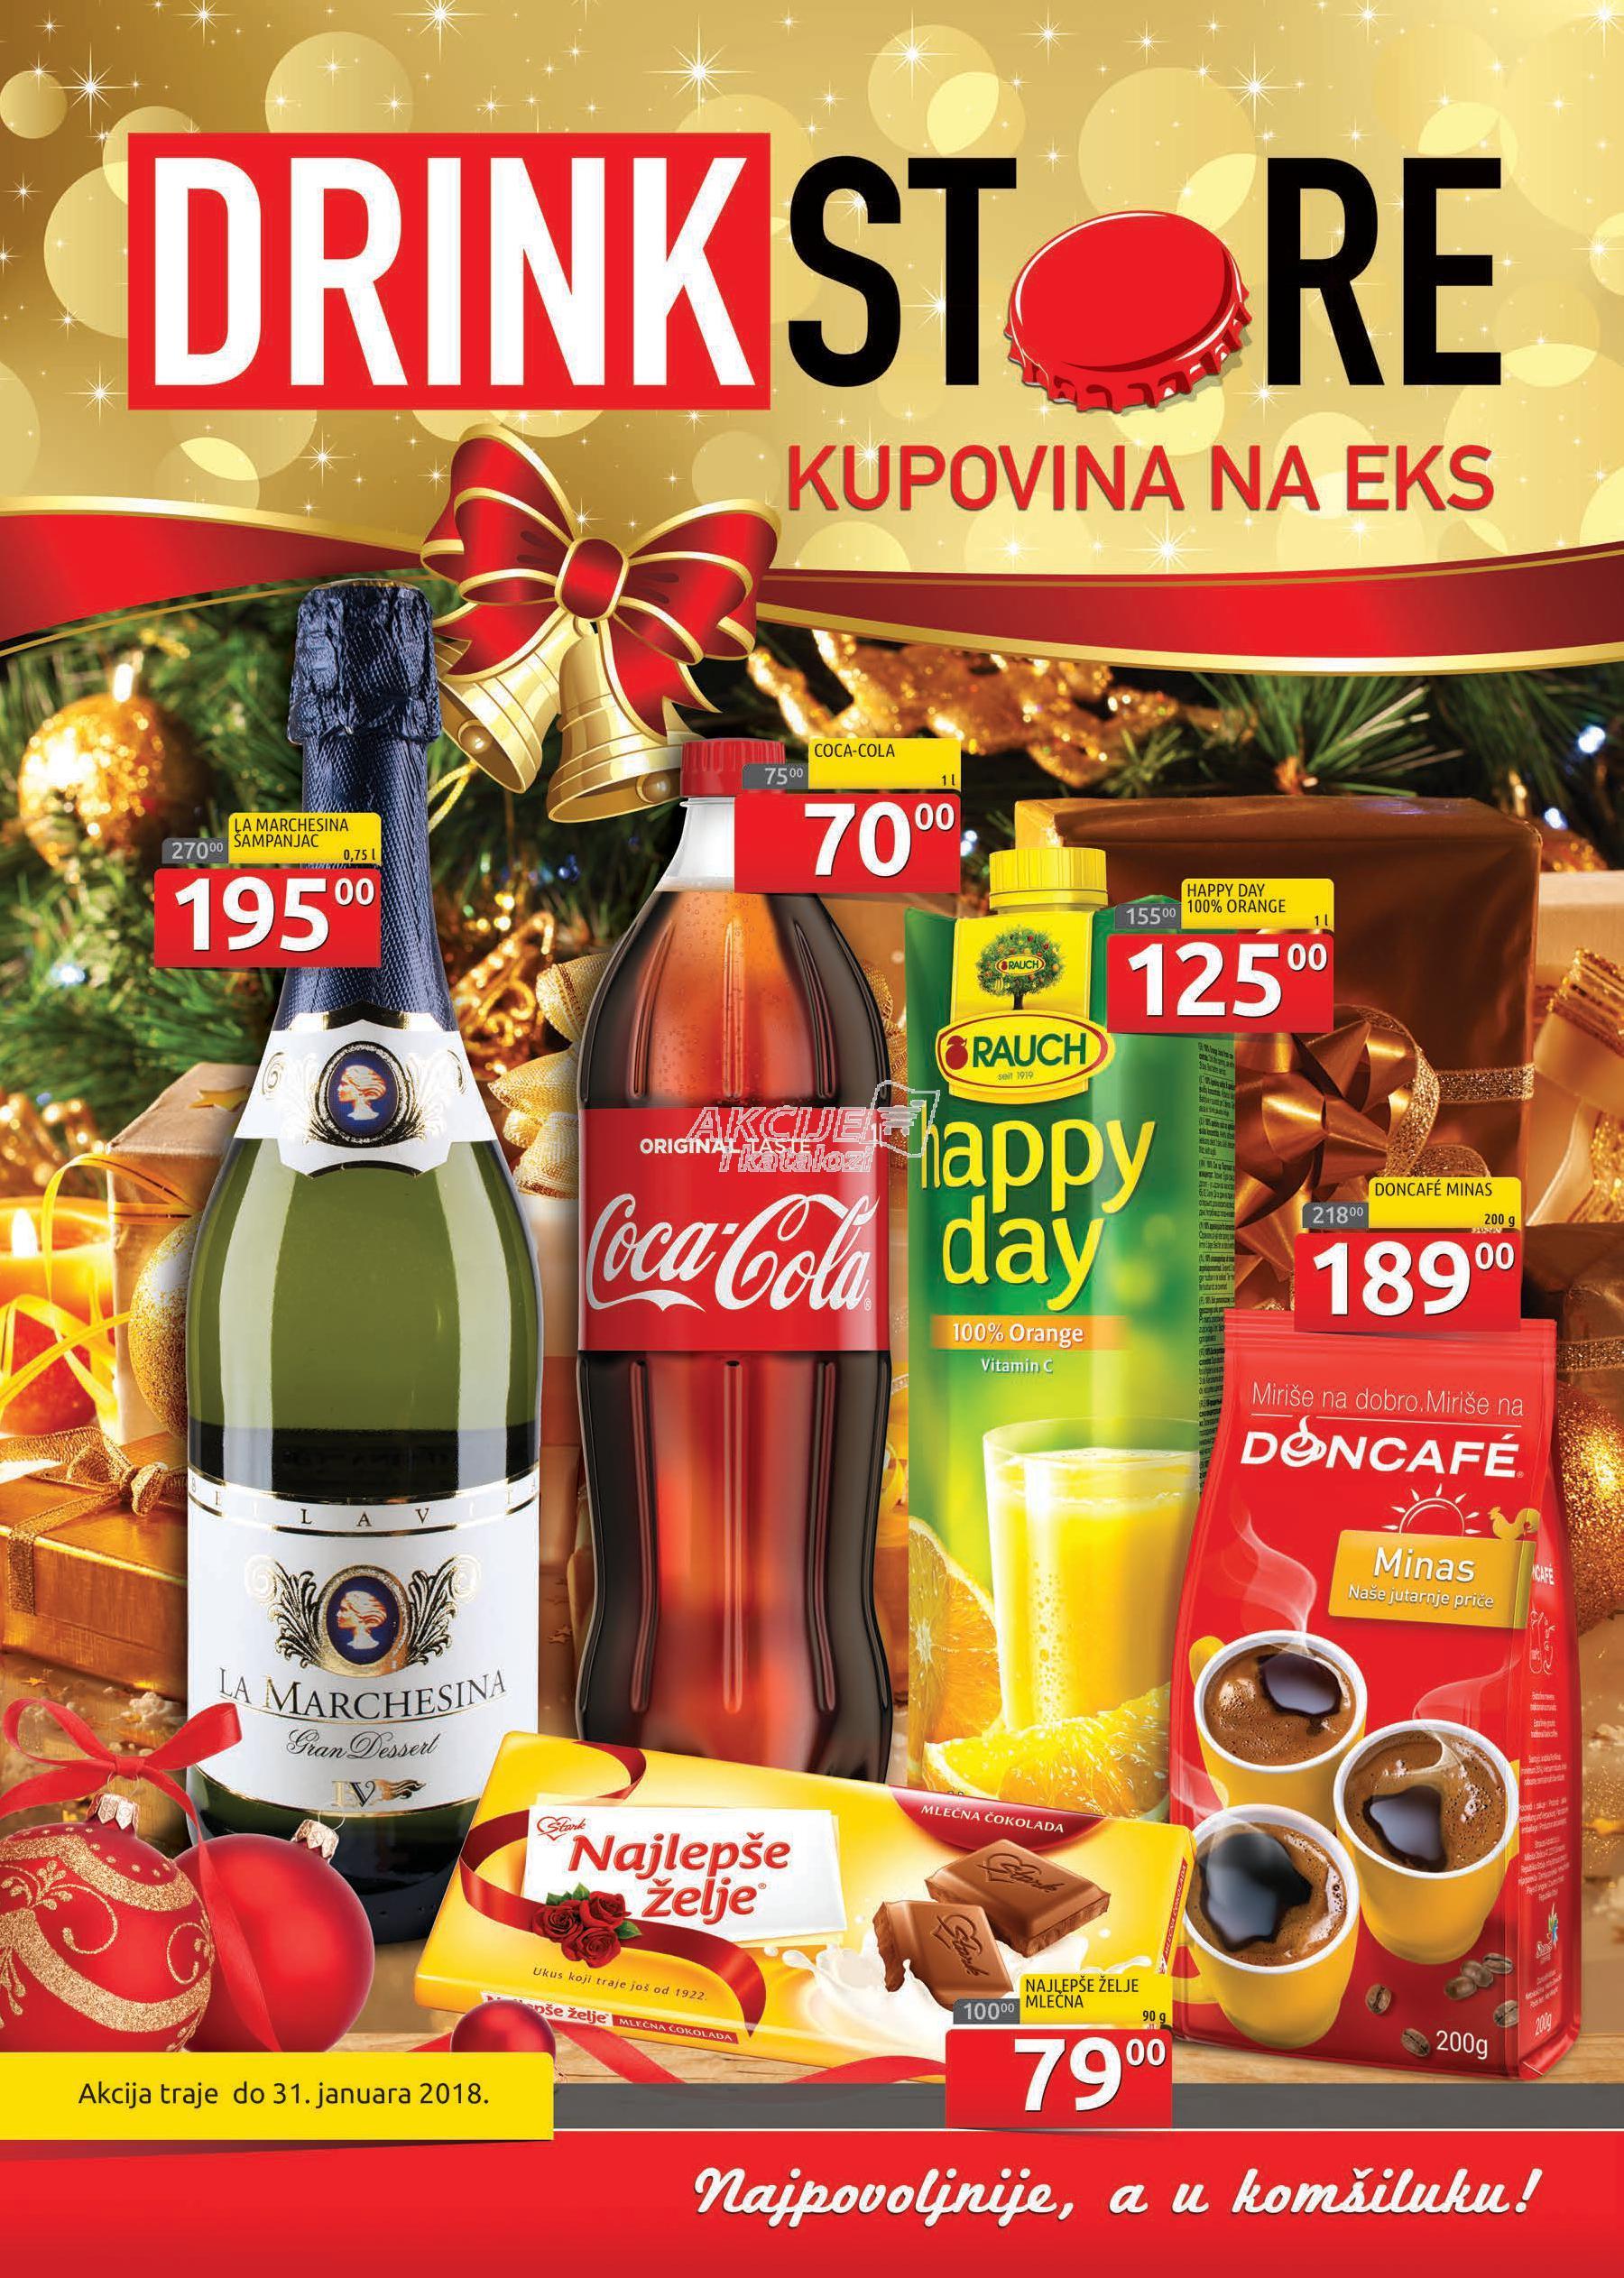 Drink Store - Redovna akcija super kupovine